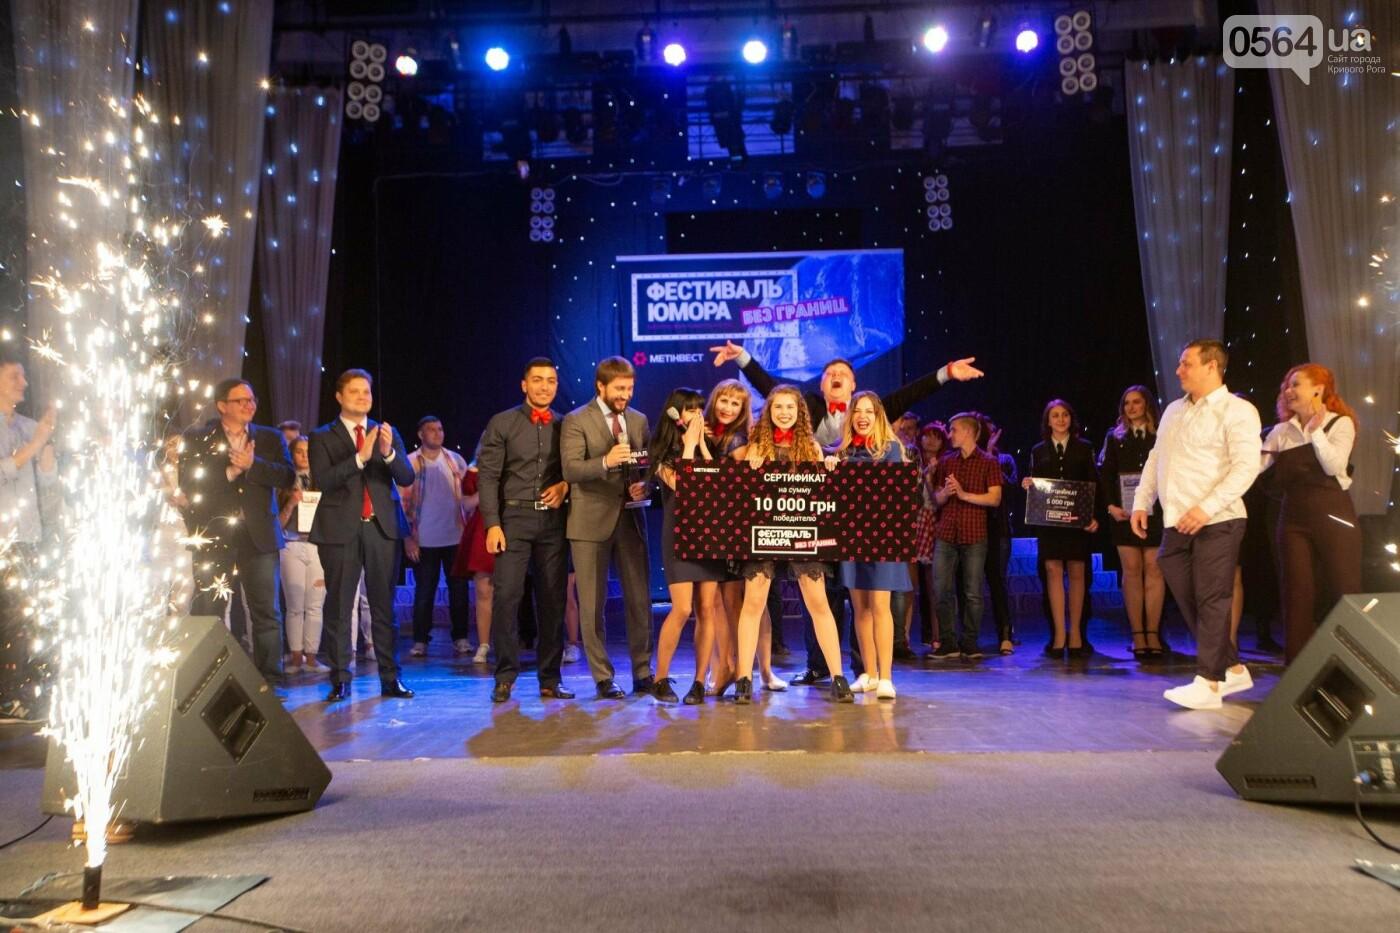 При поддержке Центрального комбината в Покровском районе прошел первый студенческий фестиваль юмора «Без границ», фото-2